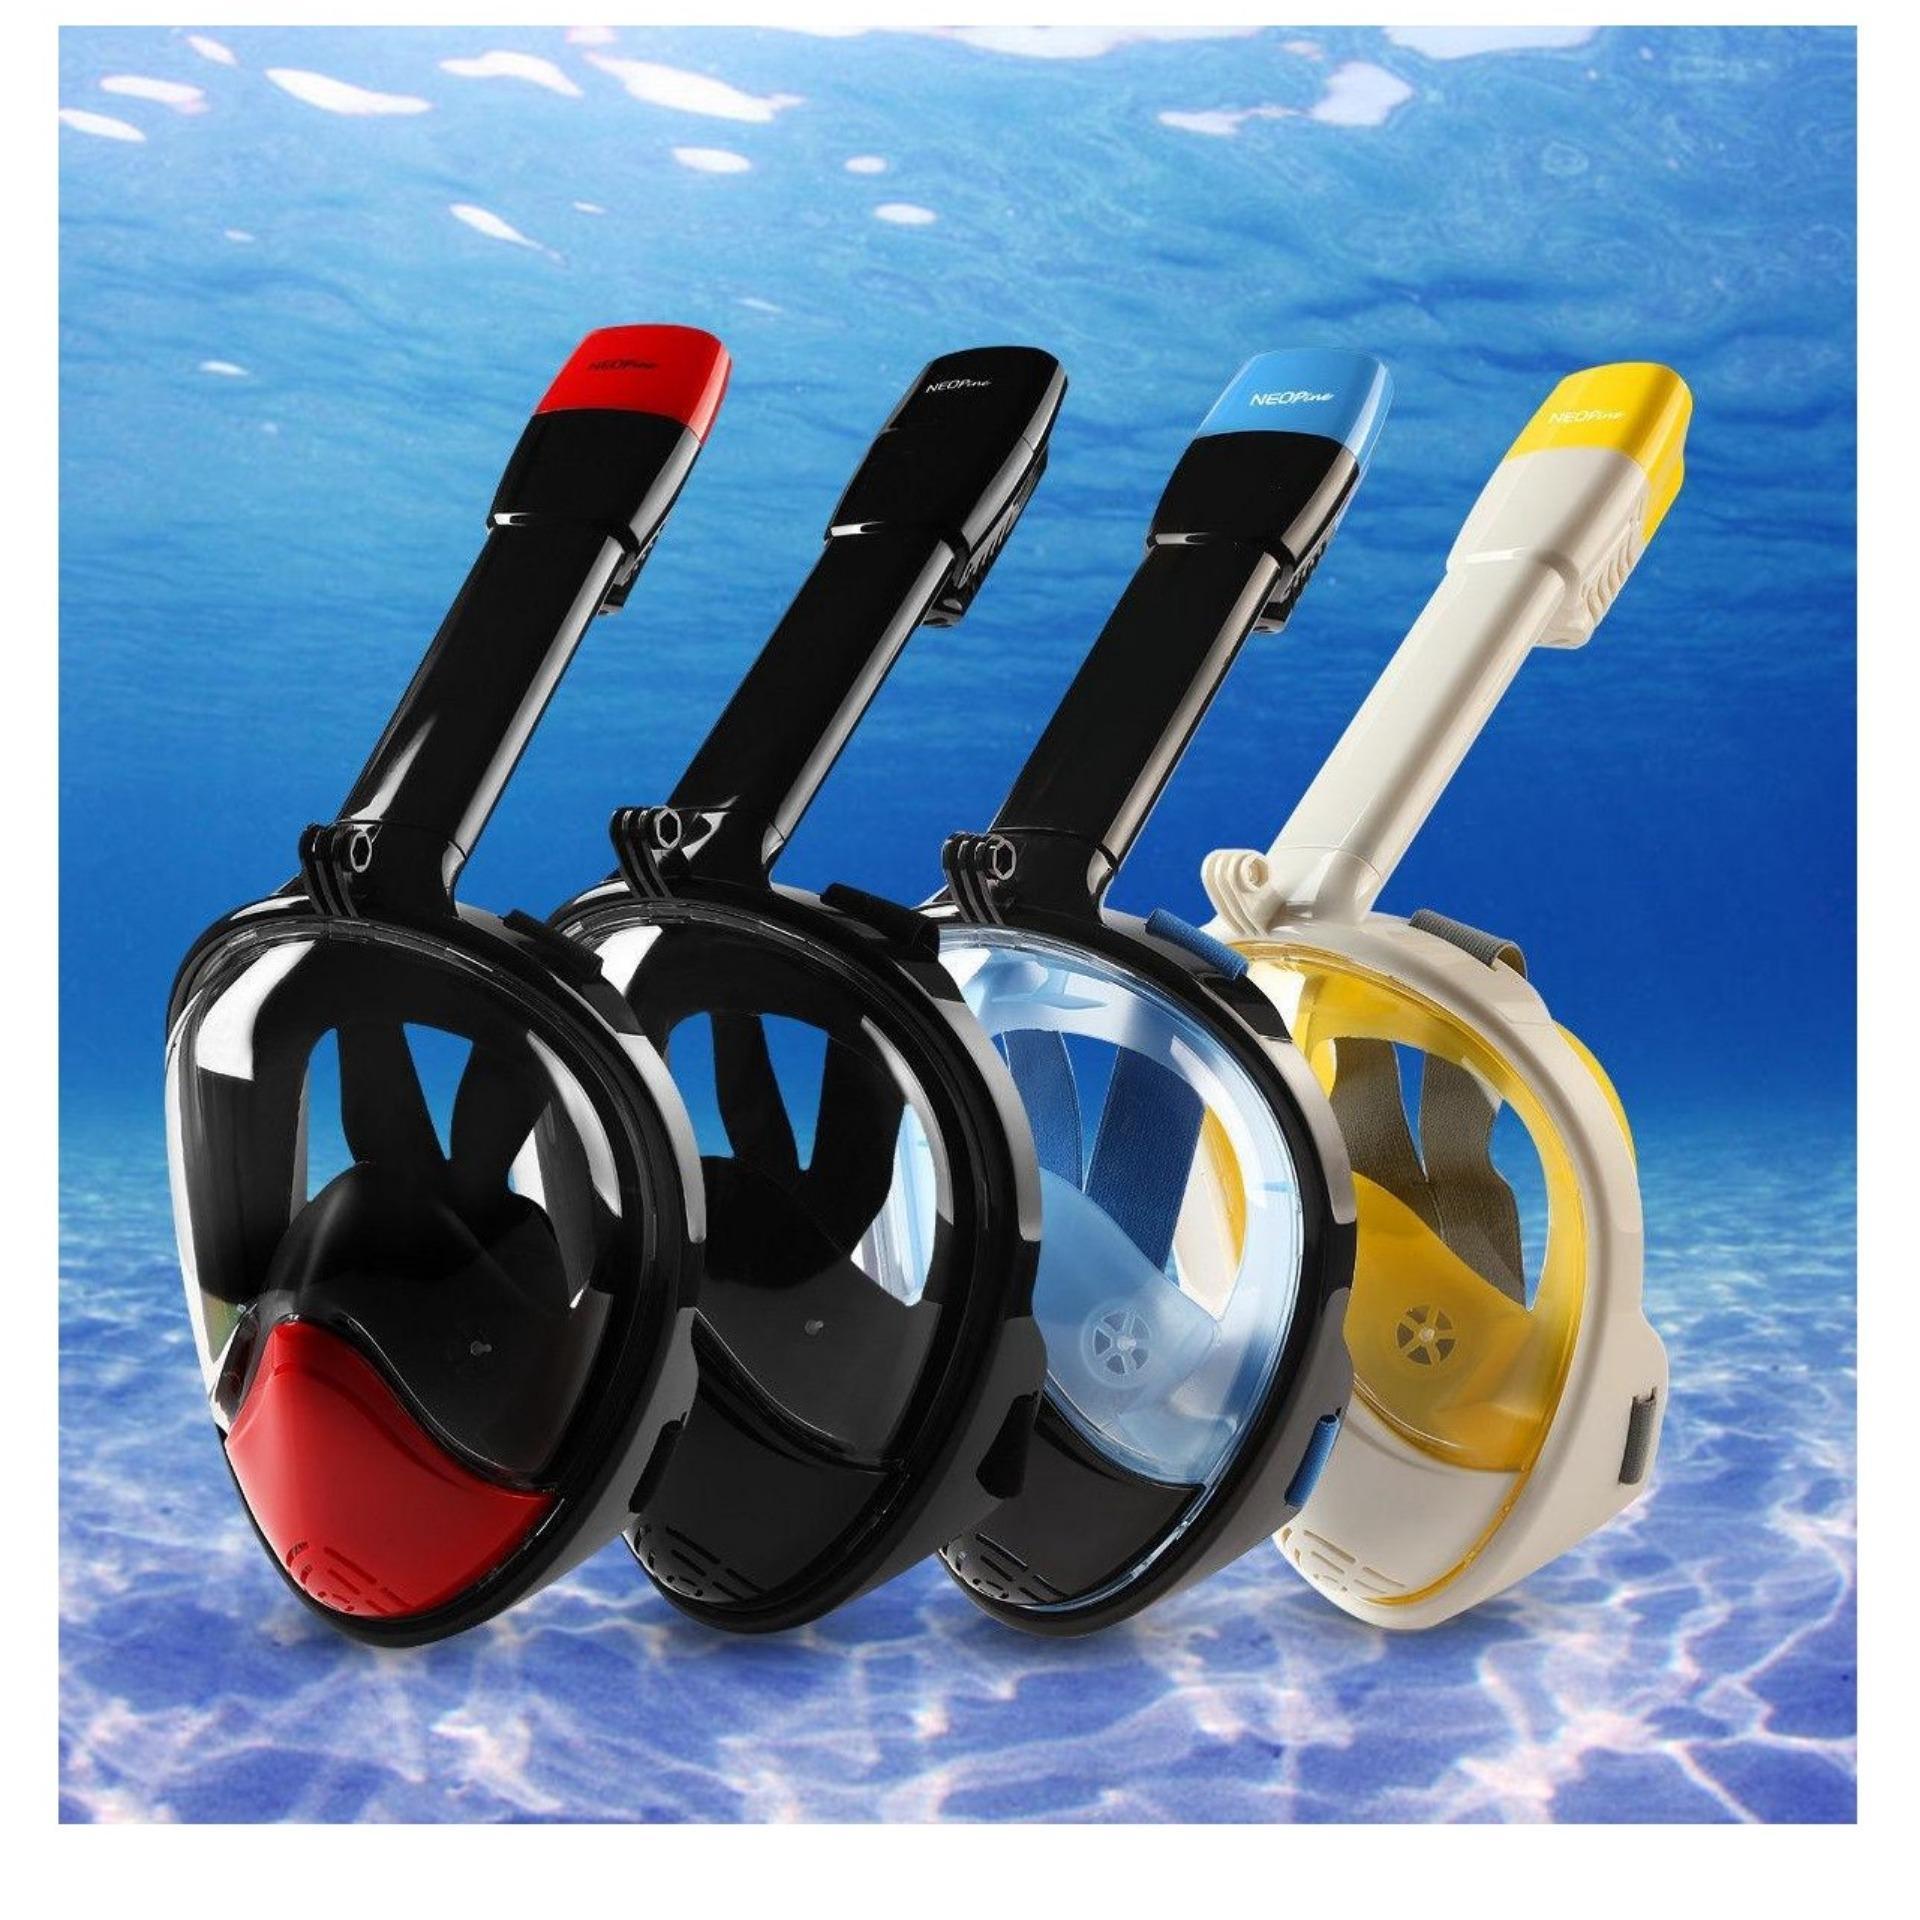 Ống Thở Bơi Lặn, Rẻ, Bền, Đẹp, Không Thể Thiếu Cho Các Chuyến Du Lịch Biển